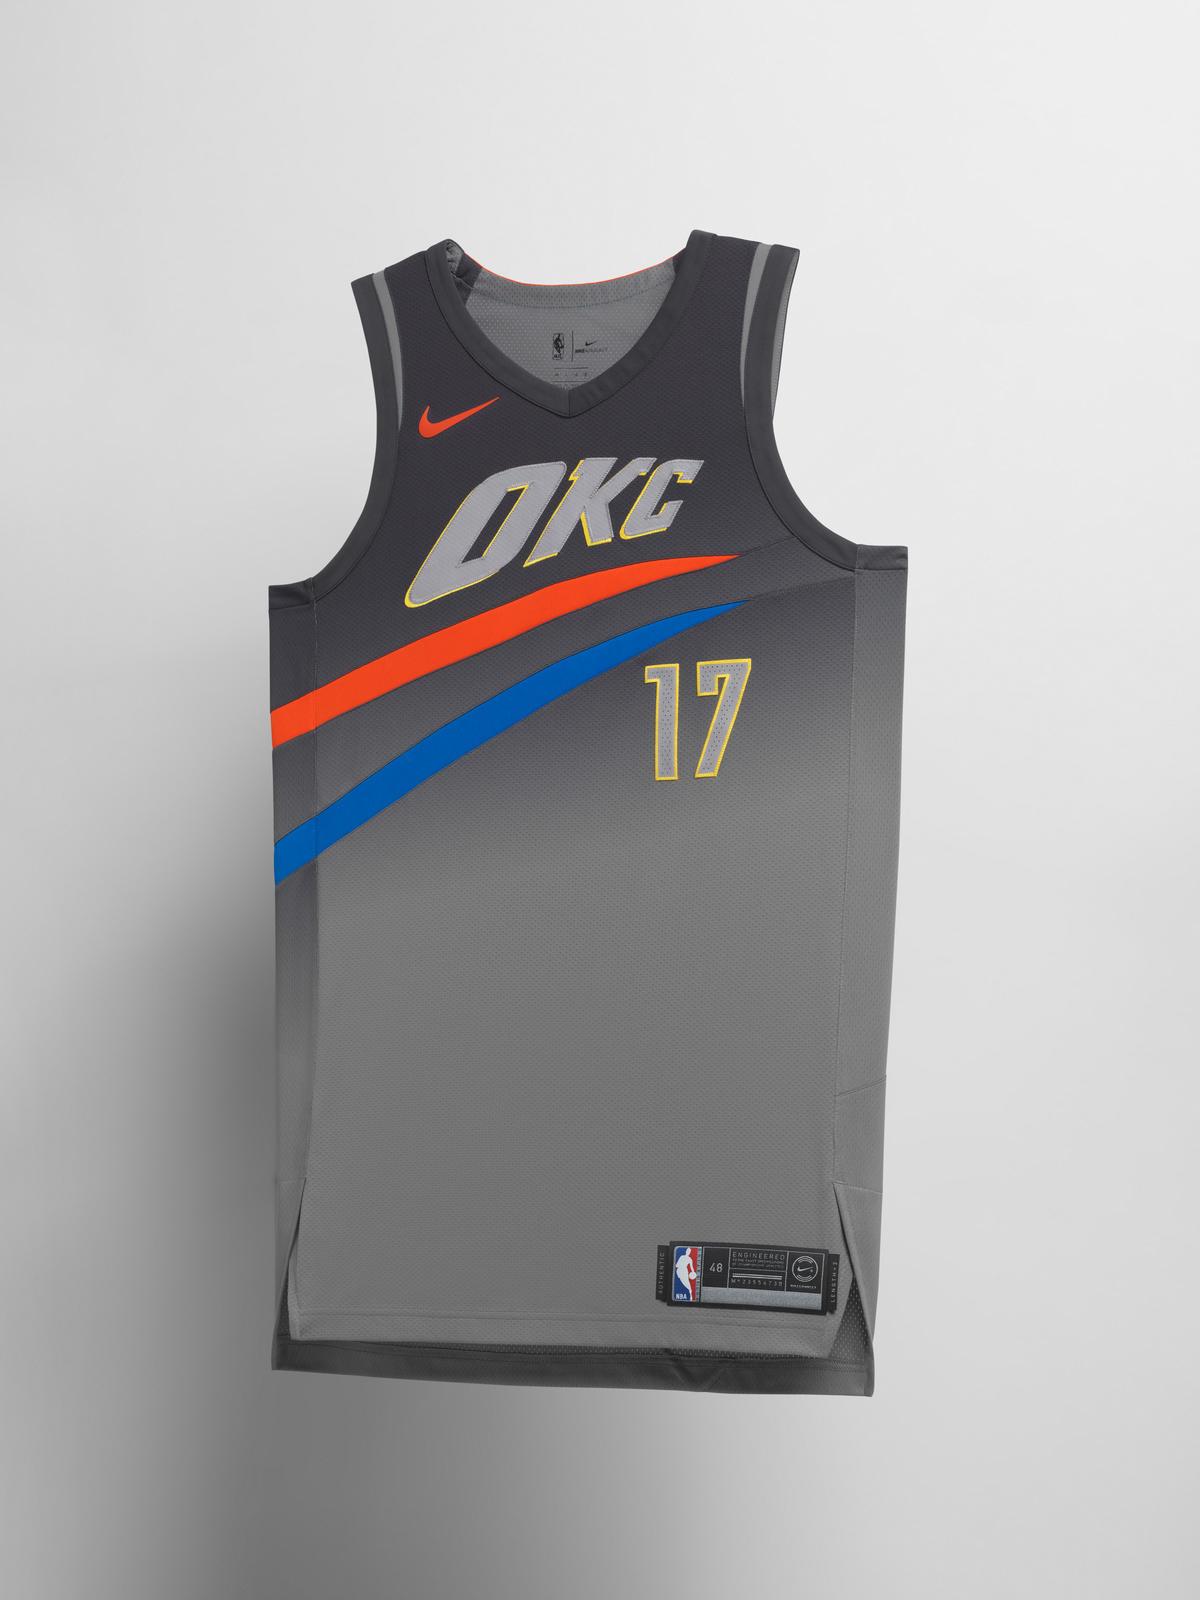 Nike_NBA_City_Edition_Uniform_Oklahoma_City_Thunder_0145_native_1600